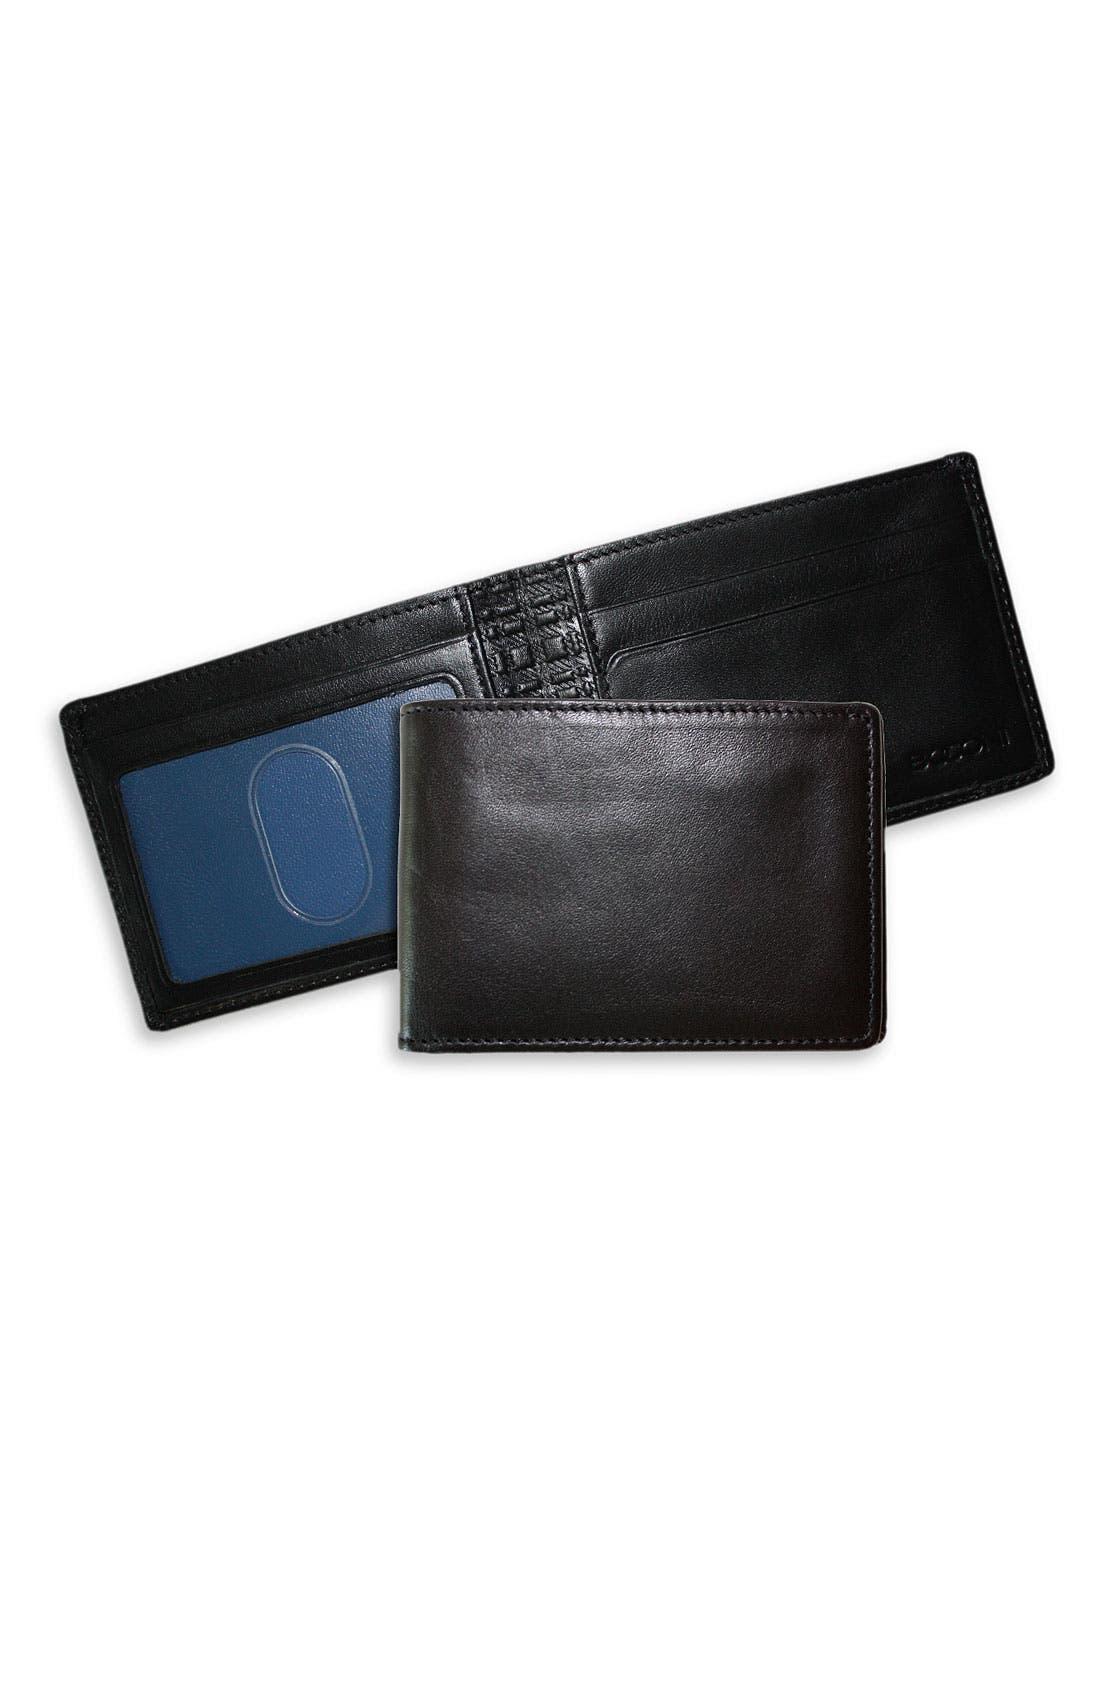 Alternate Image 1 Selected - Boconi 'Slimster' Wallet